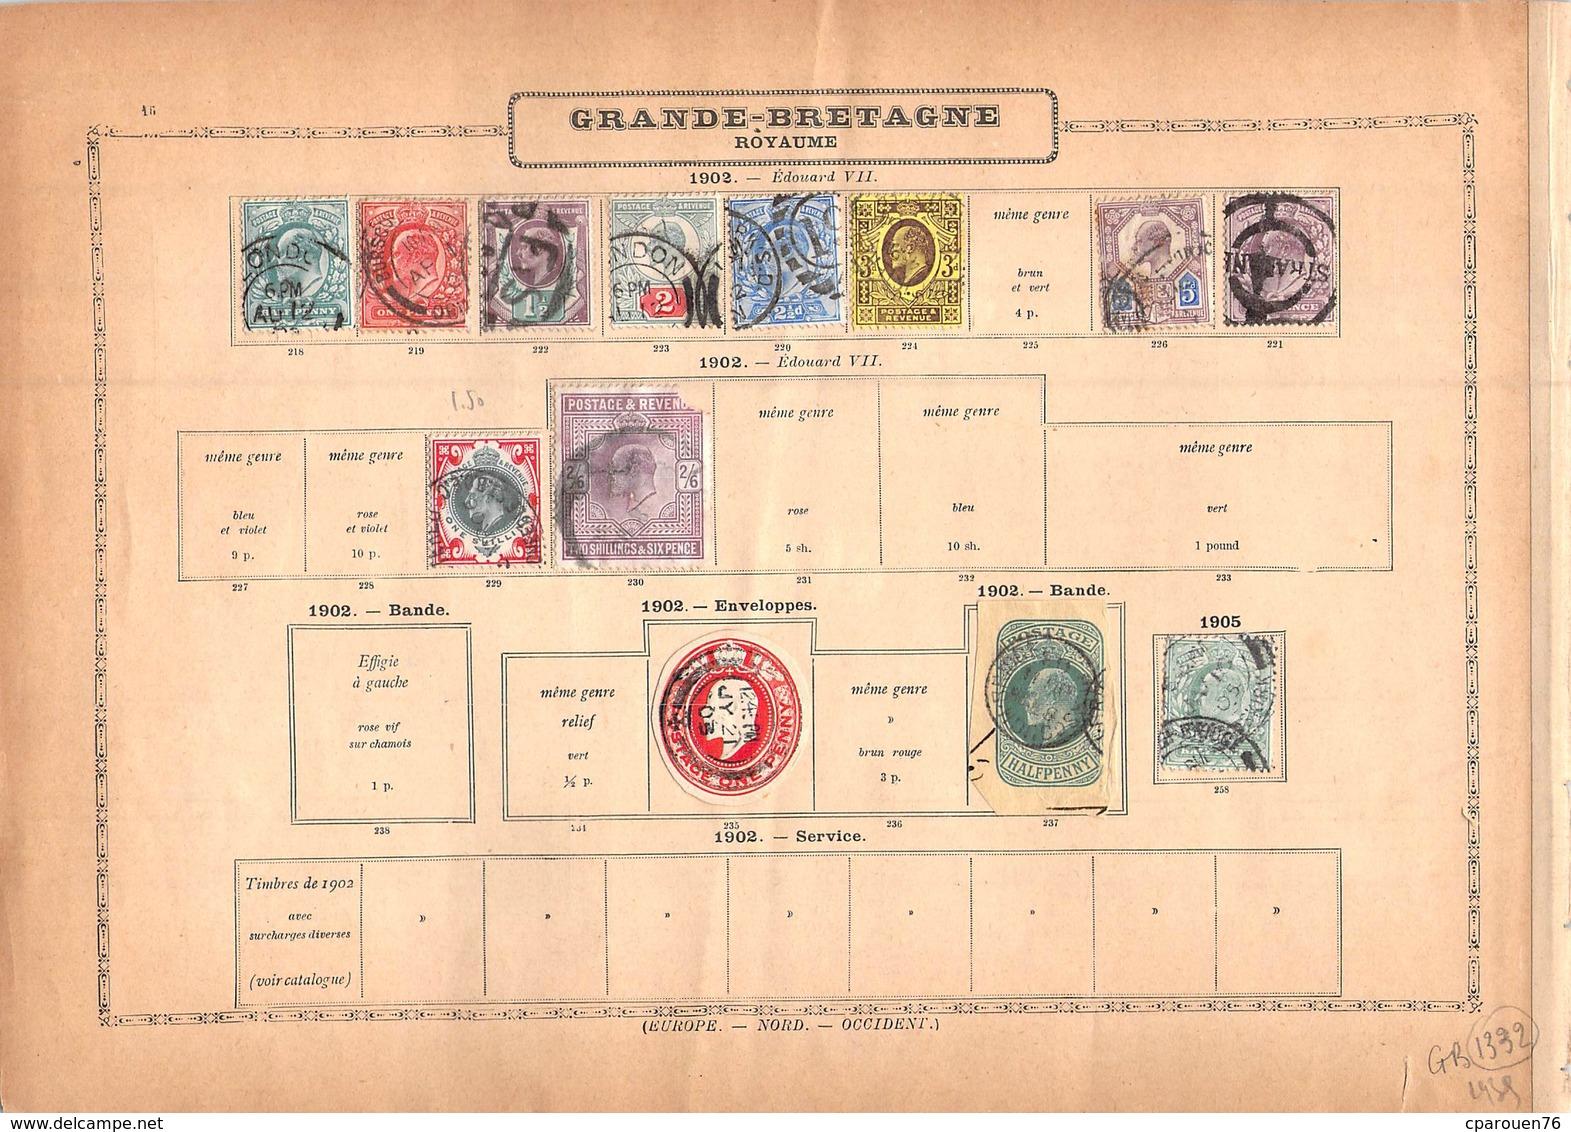 Timbres > Europe > Grande-Bretagne > 1840-1901 LOT 70 TIMBRES ANCIENS - Collezioni